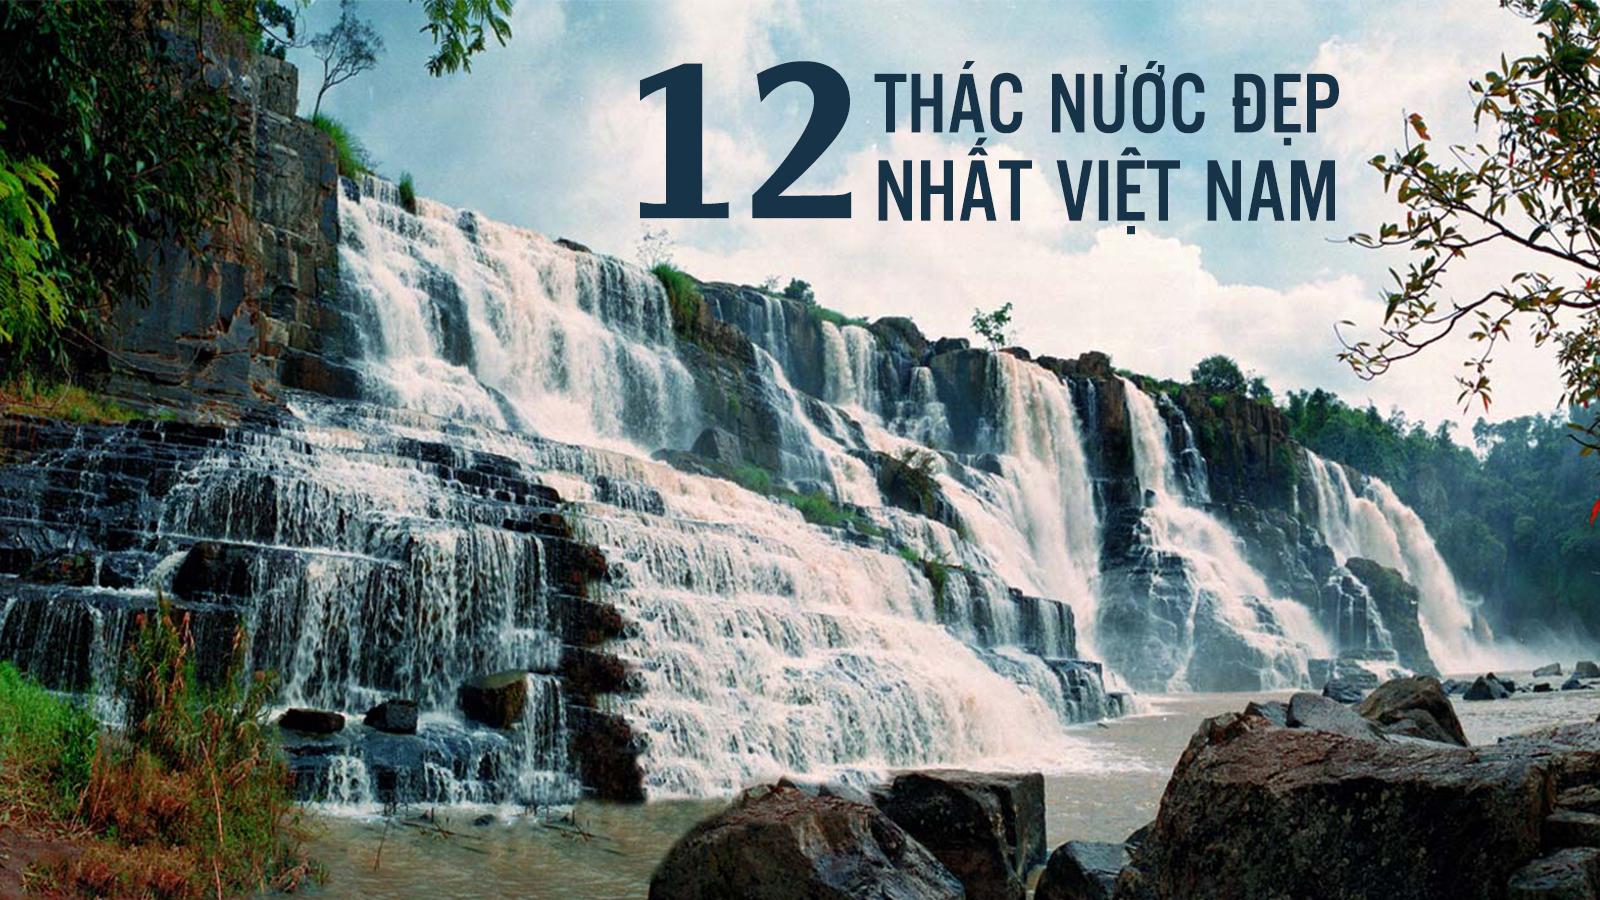 12 thác nước đẹp và nổi tiếng nhất Việt Nam - 1